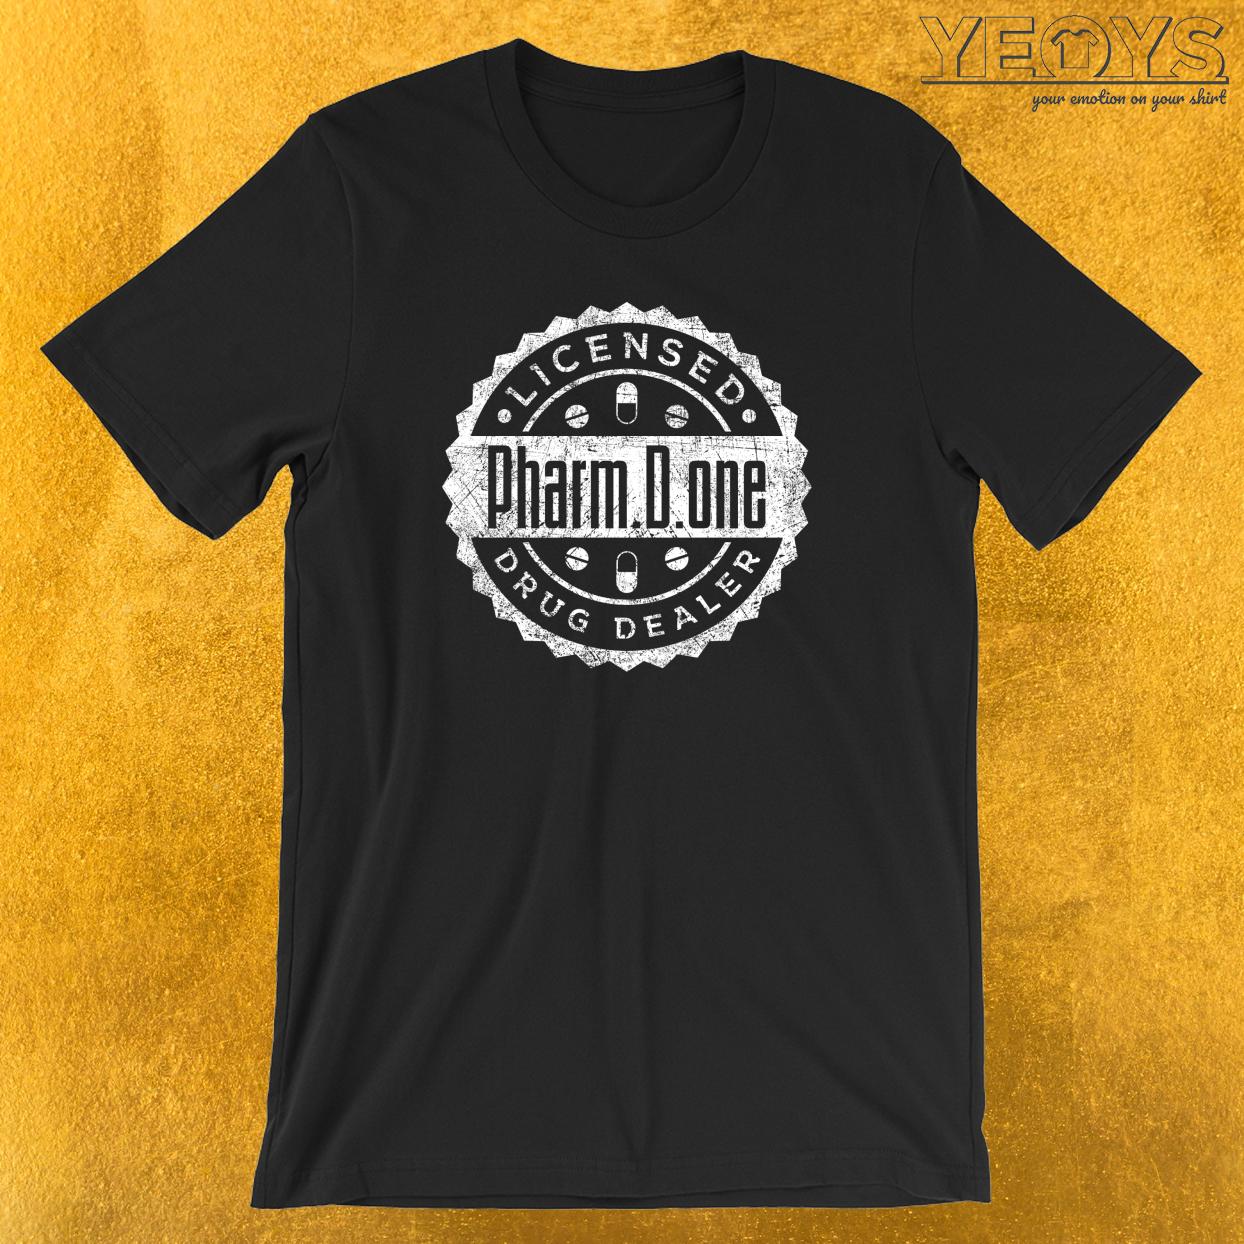 Pharm.D.one Licensed Drug Dealer T-Shirt